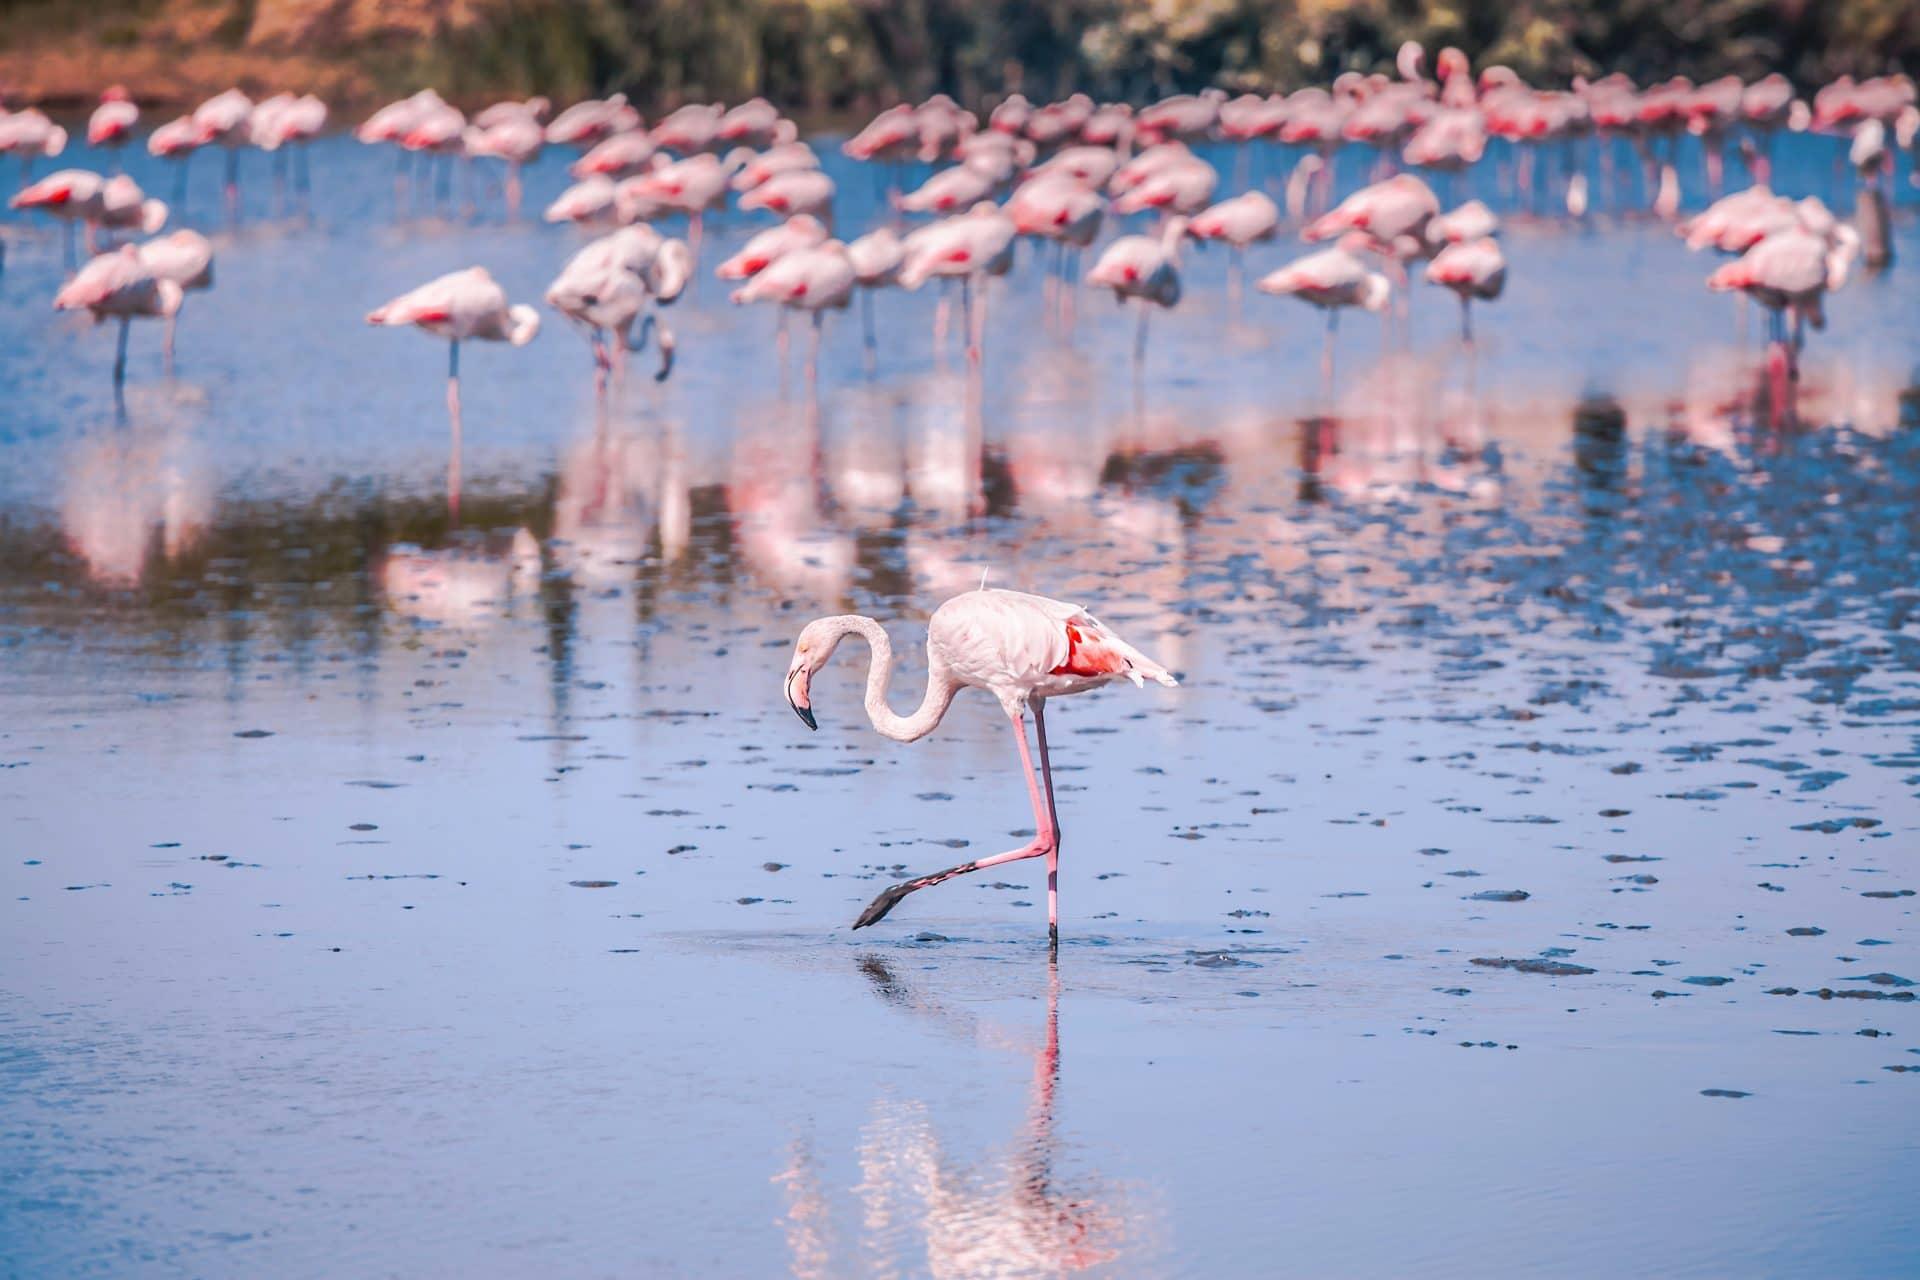 Flamingoes on safari holiday Tanzania